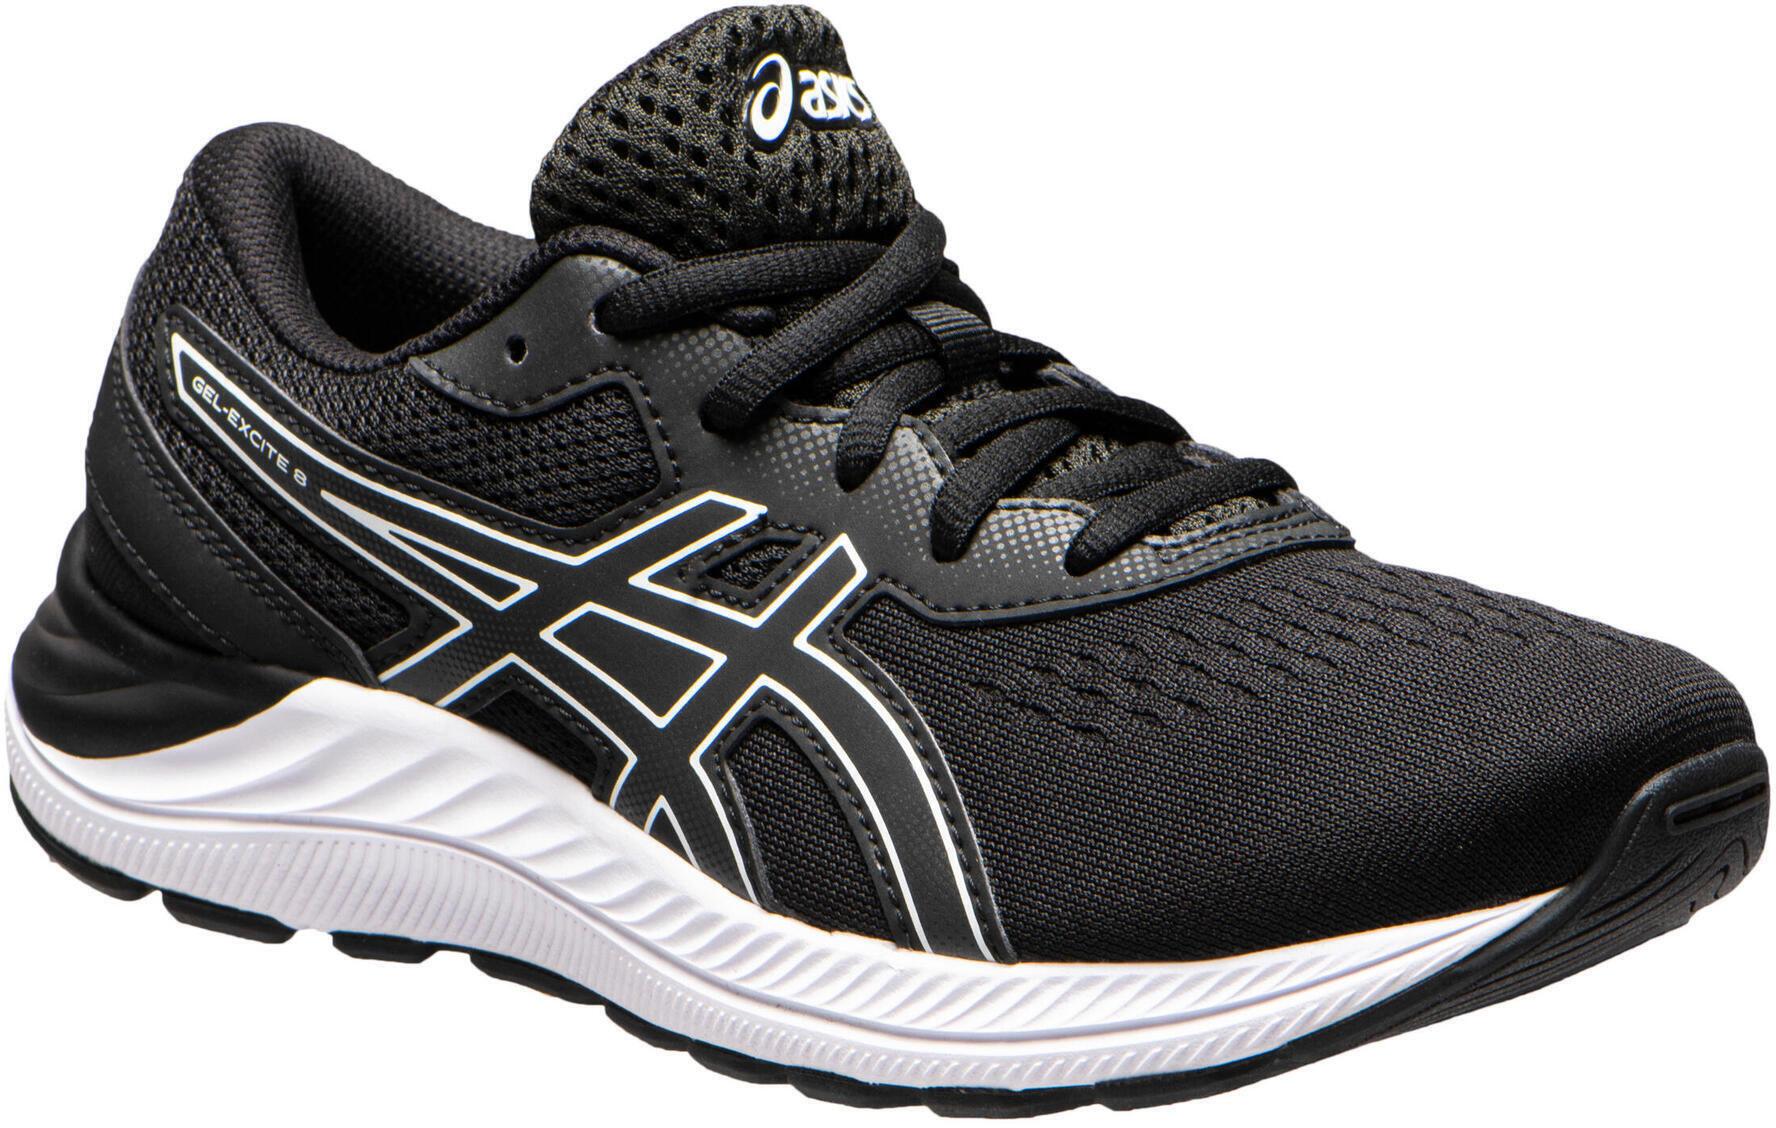 Buty do biegania dla dzieci ASICS Gel Excite